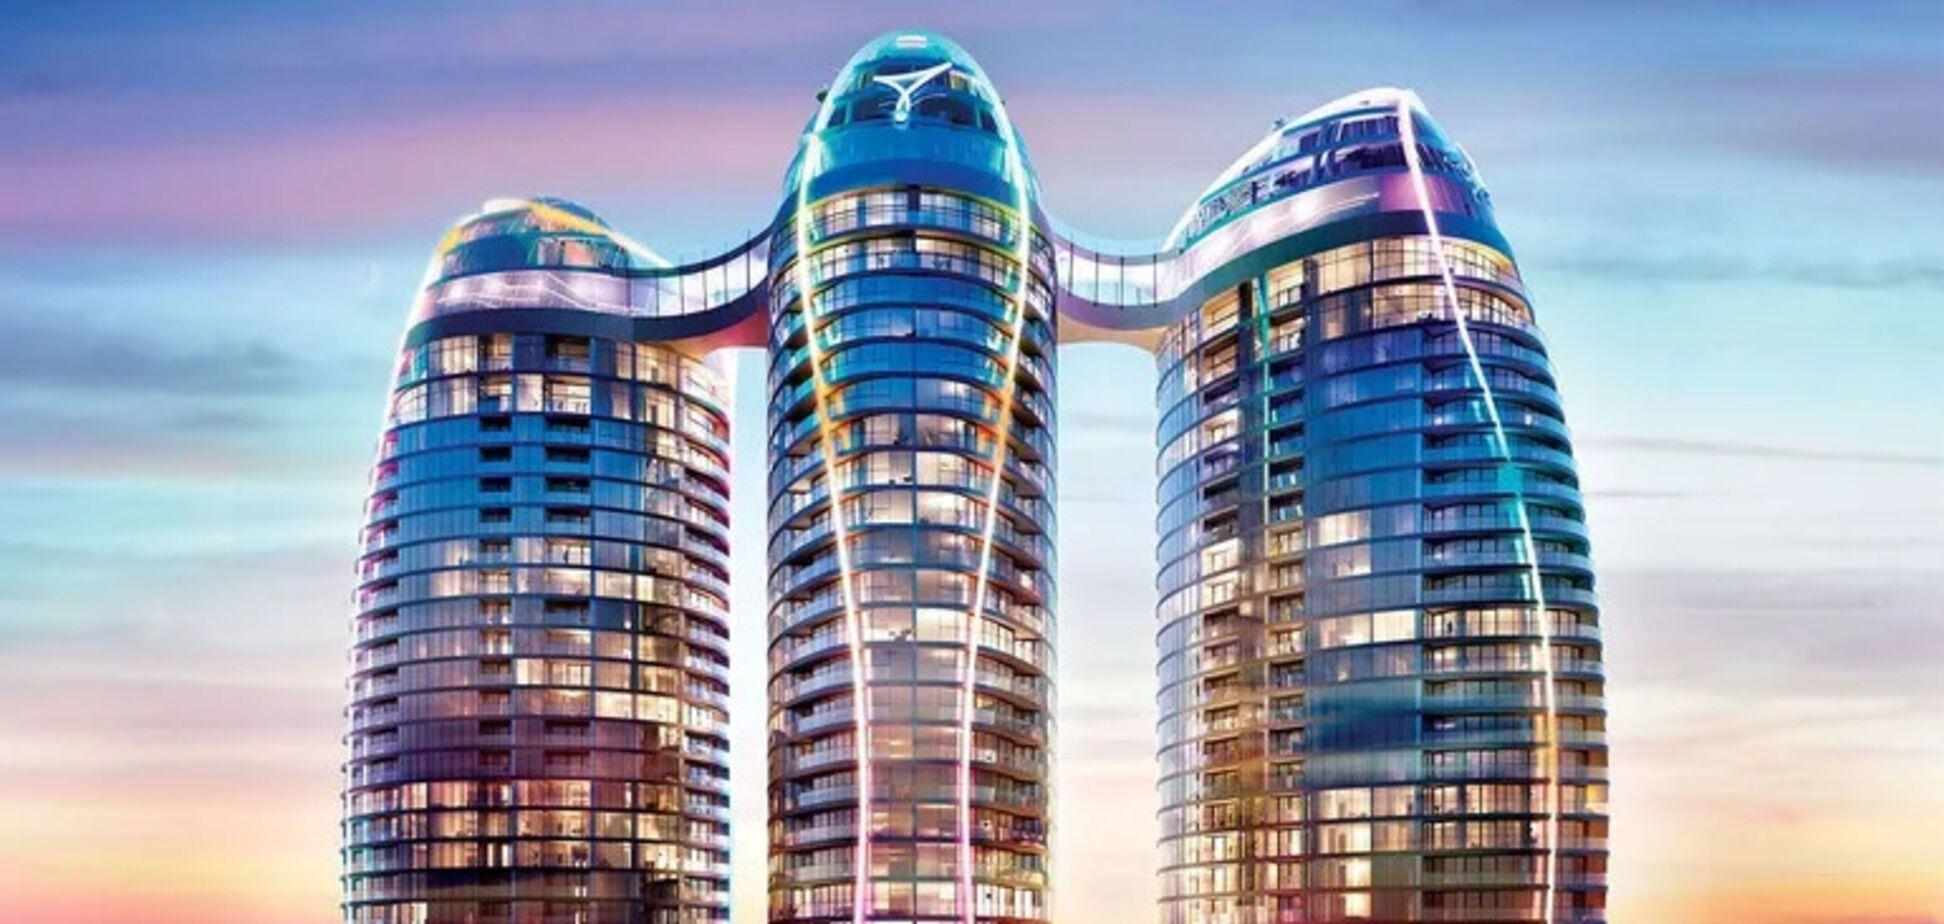 ЖК Taryan Towers: эксперты разобрались с документами по объекту премиум-класса